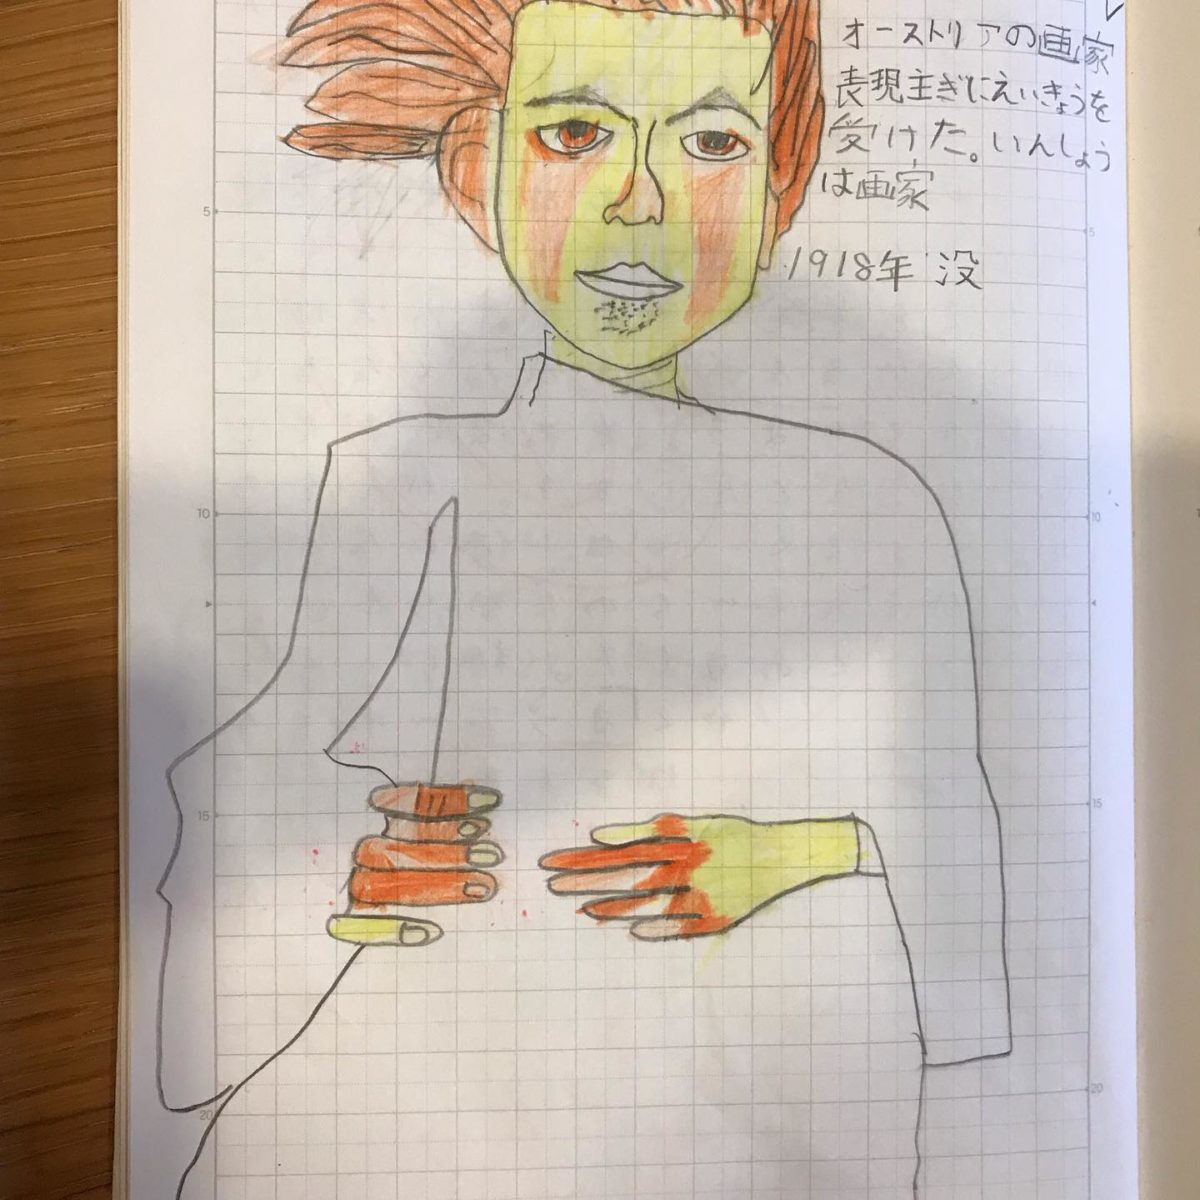 娘の小学校の宿題に自主勉強と言う名の強制宿題があった  なんでも良いと言うので、休みの日に私がこの自主勉強を一緒にやった。  なんでも良いならアートをやらせようと思い 私の好きなアーティストの作品を模写させた。  これは娘にアーティストになってもらいたいのでは無い、アートについて知識を持ってもらいたいからだ   名前、出身地、どの時代、どんな作風や影響をどう与え与えられたかを知ってもらいたいから  アートは人生を豊かにする大事な要素だ